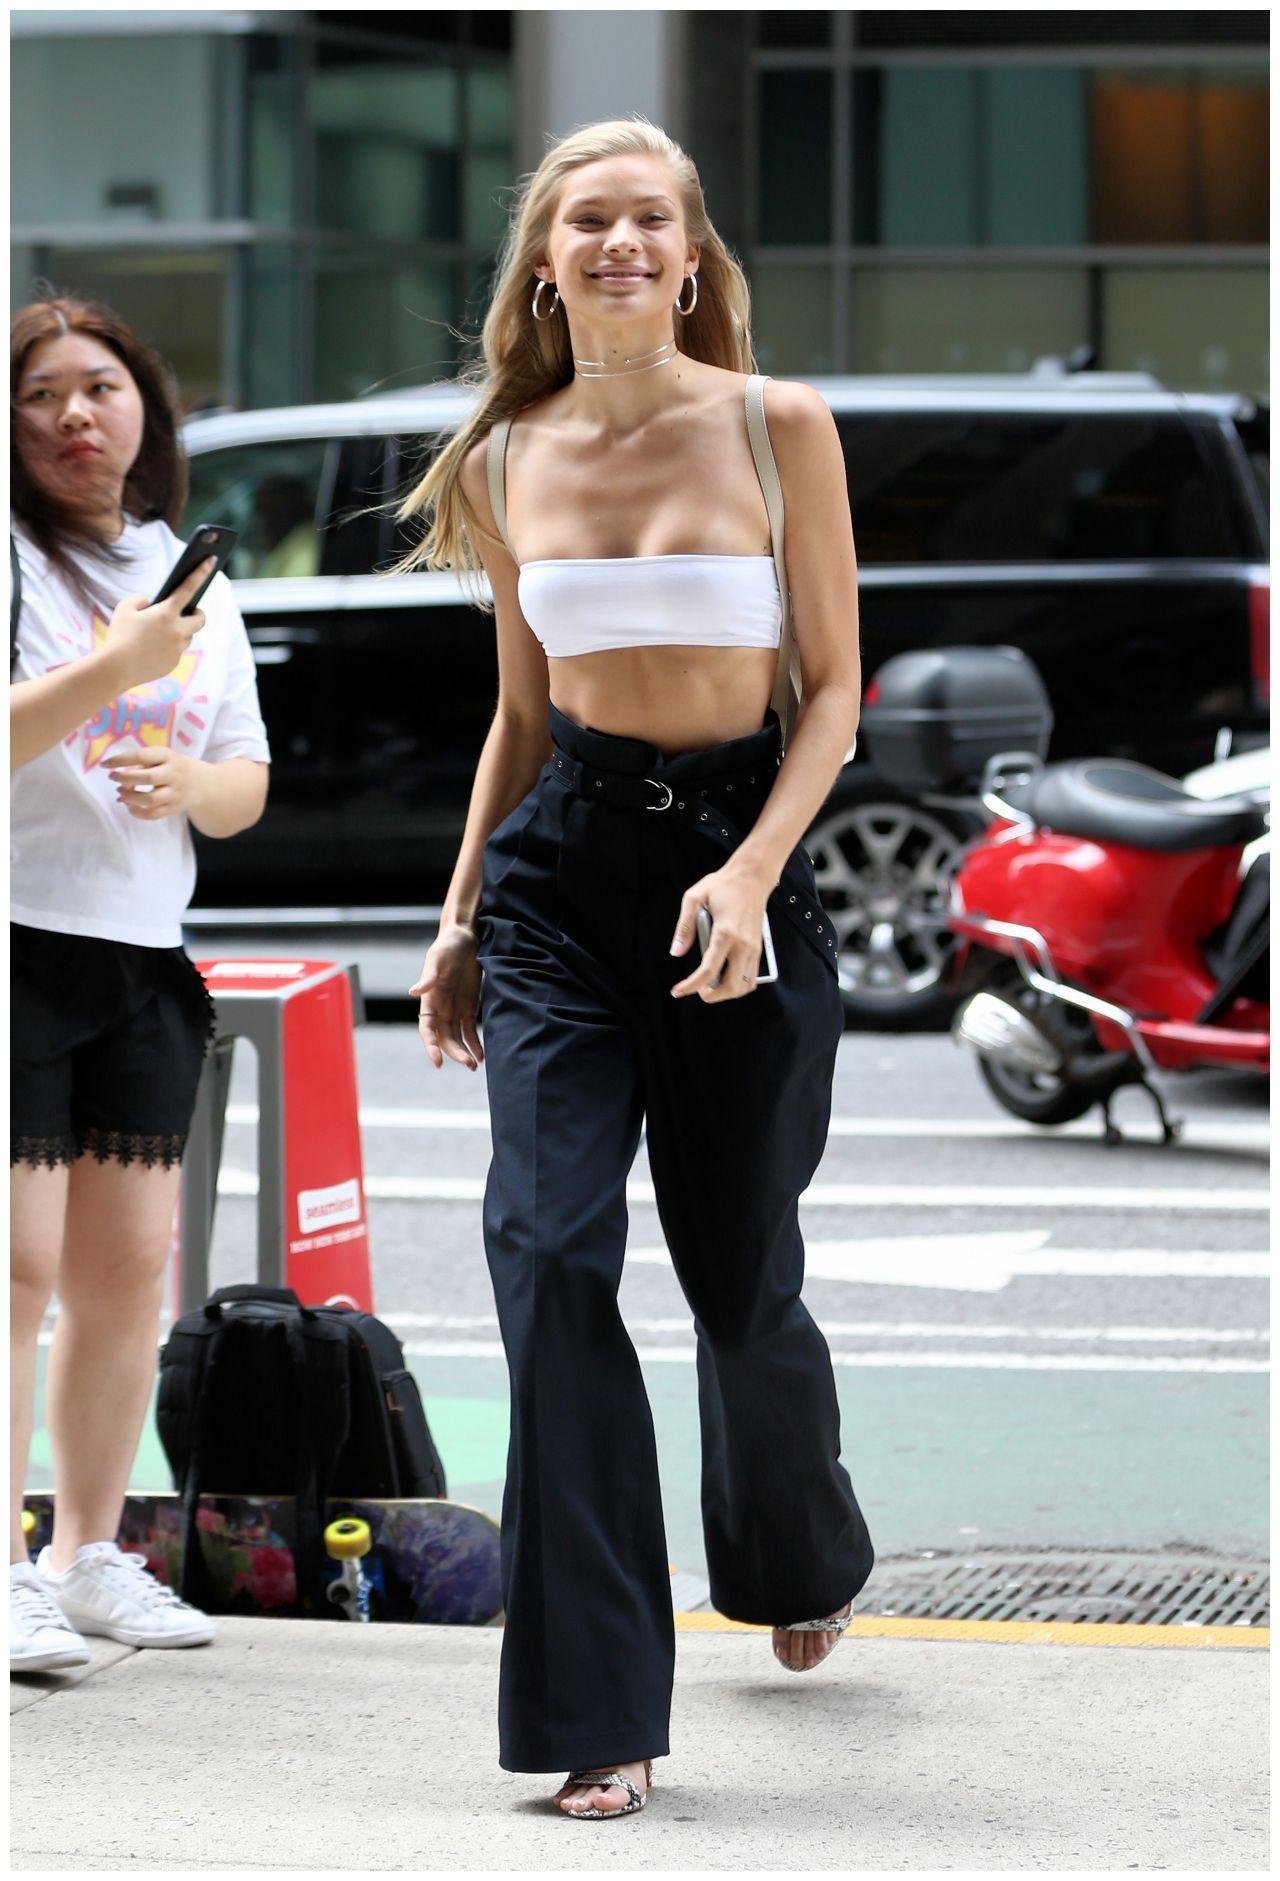 歌手女星身穿白色抹胸搭配黑色长裤时尚感足,对镜头献飞吻显俏皮